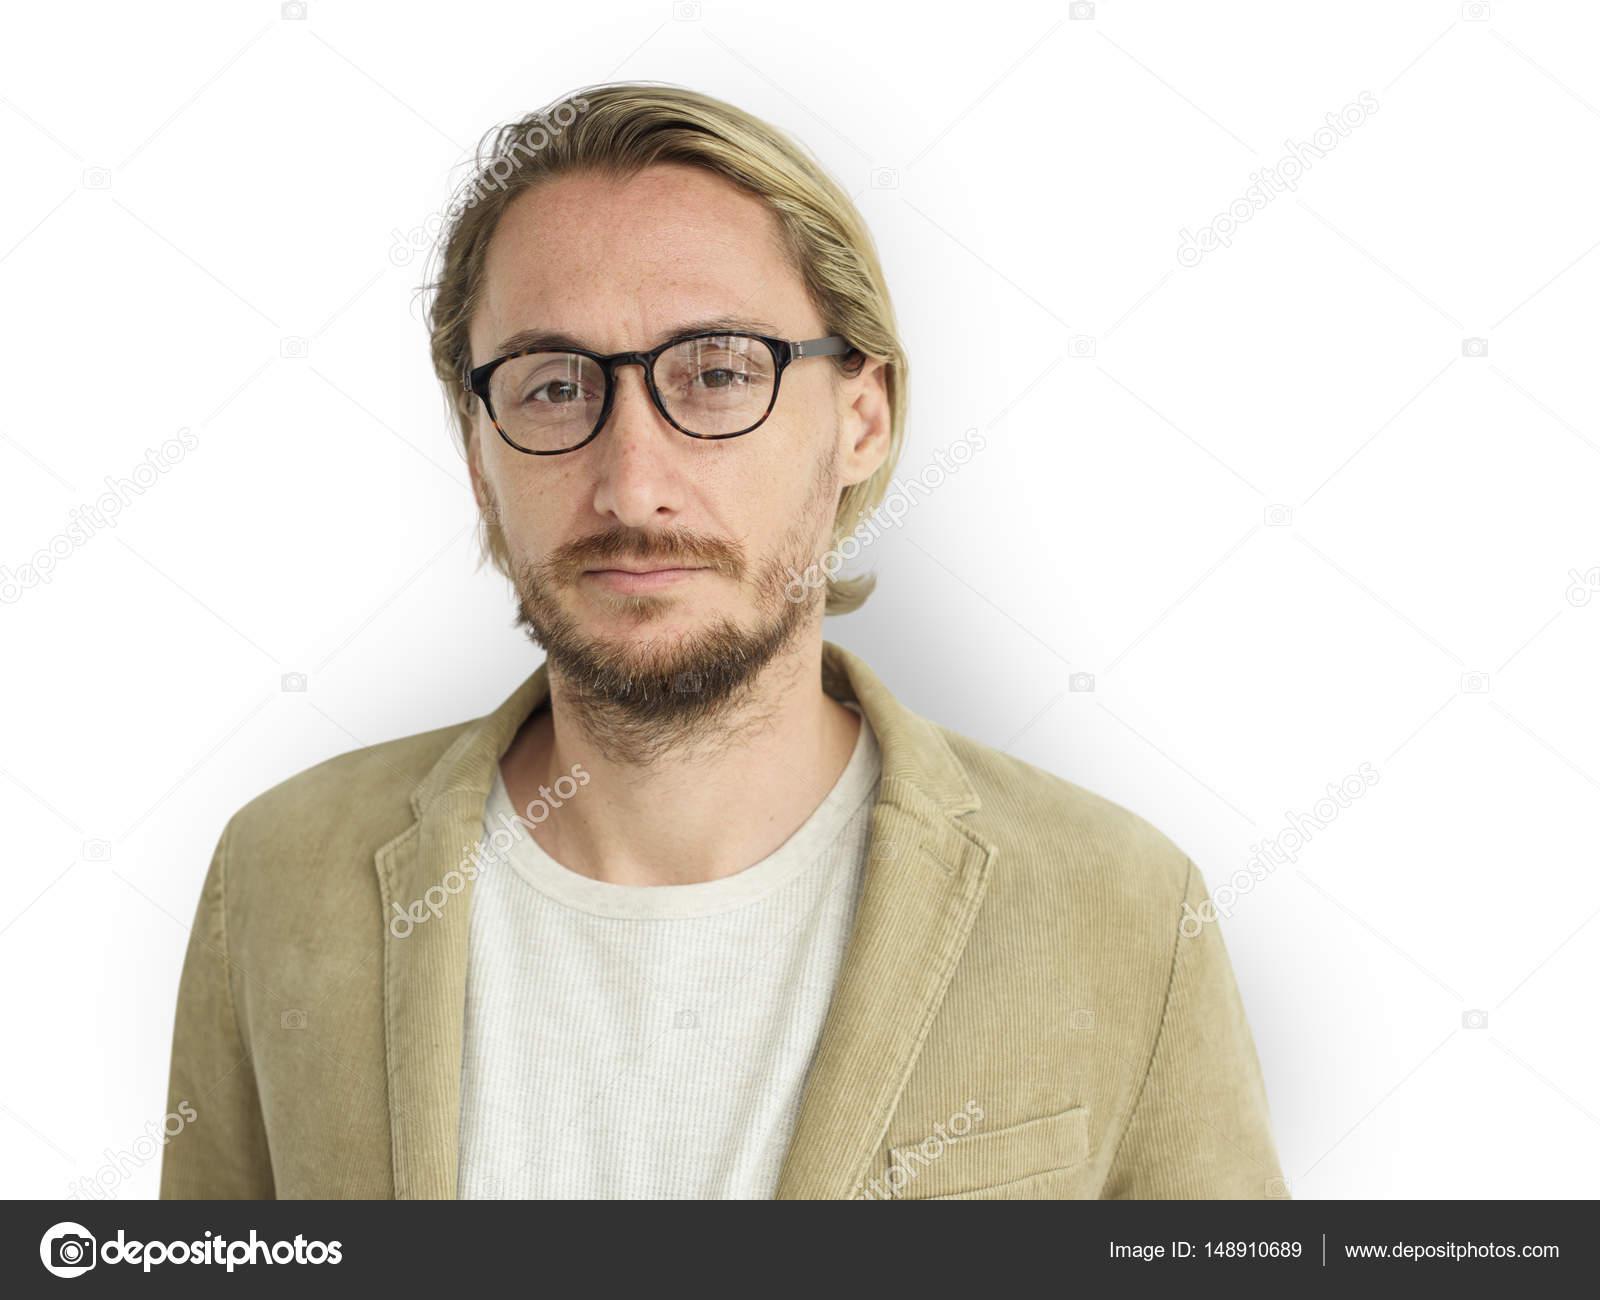 e7a9cf6bef Uomo con la barba che indossa occhiali da vista — Foto Stock ...